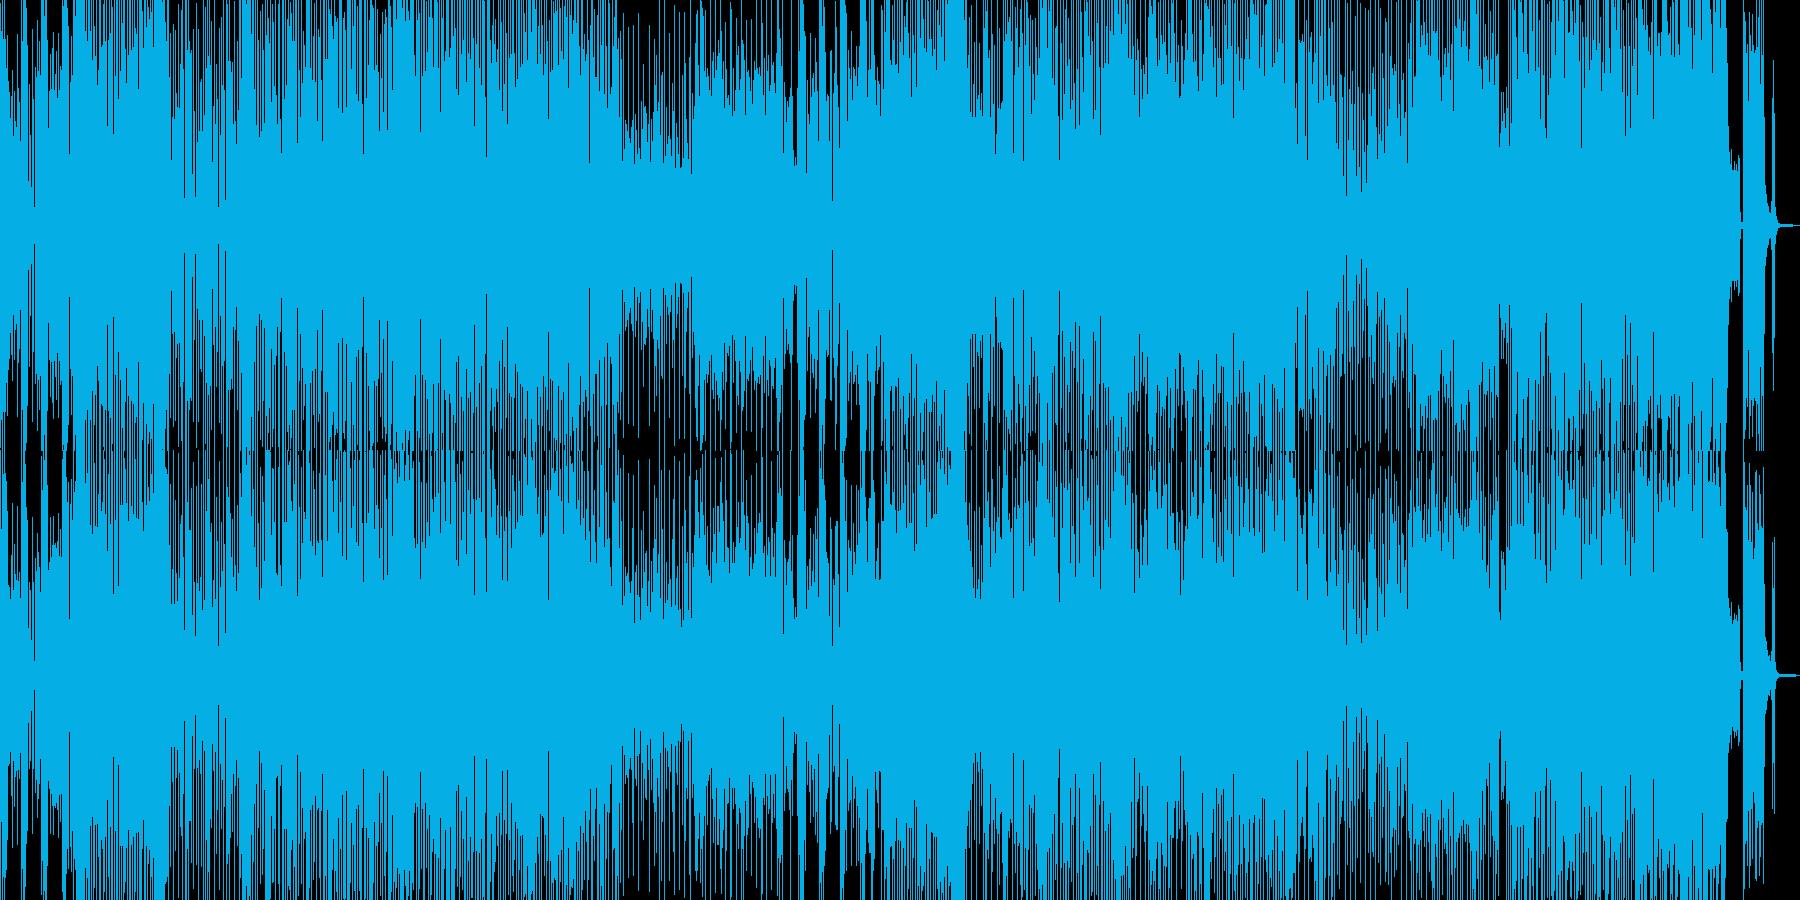 ツーリング日和・軽快なトランペットジャズの再生済みの波形